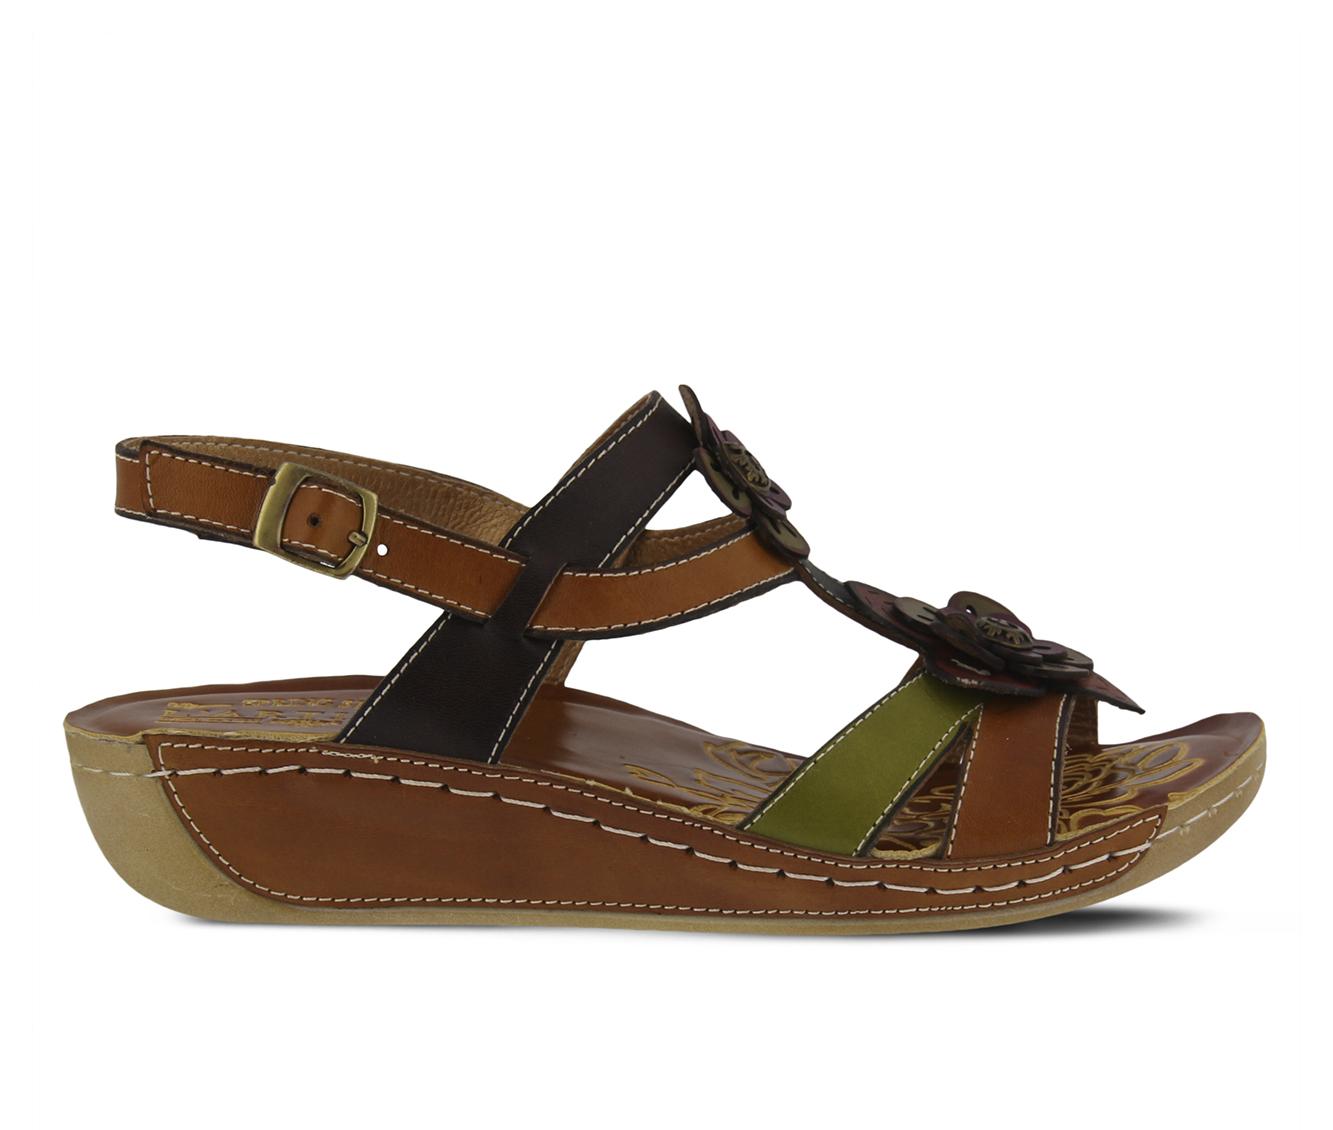 L'Artiste Phalda Women's Sandal (Beige Leather)